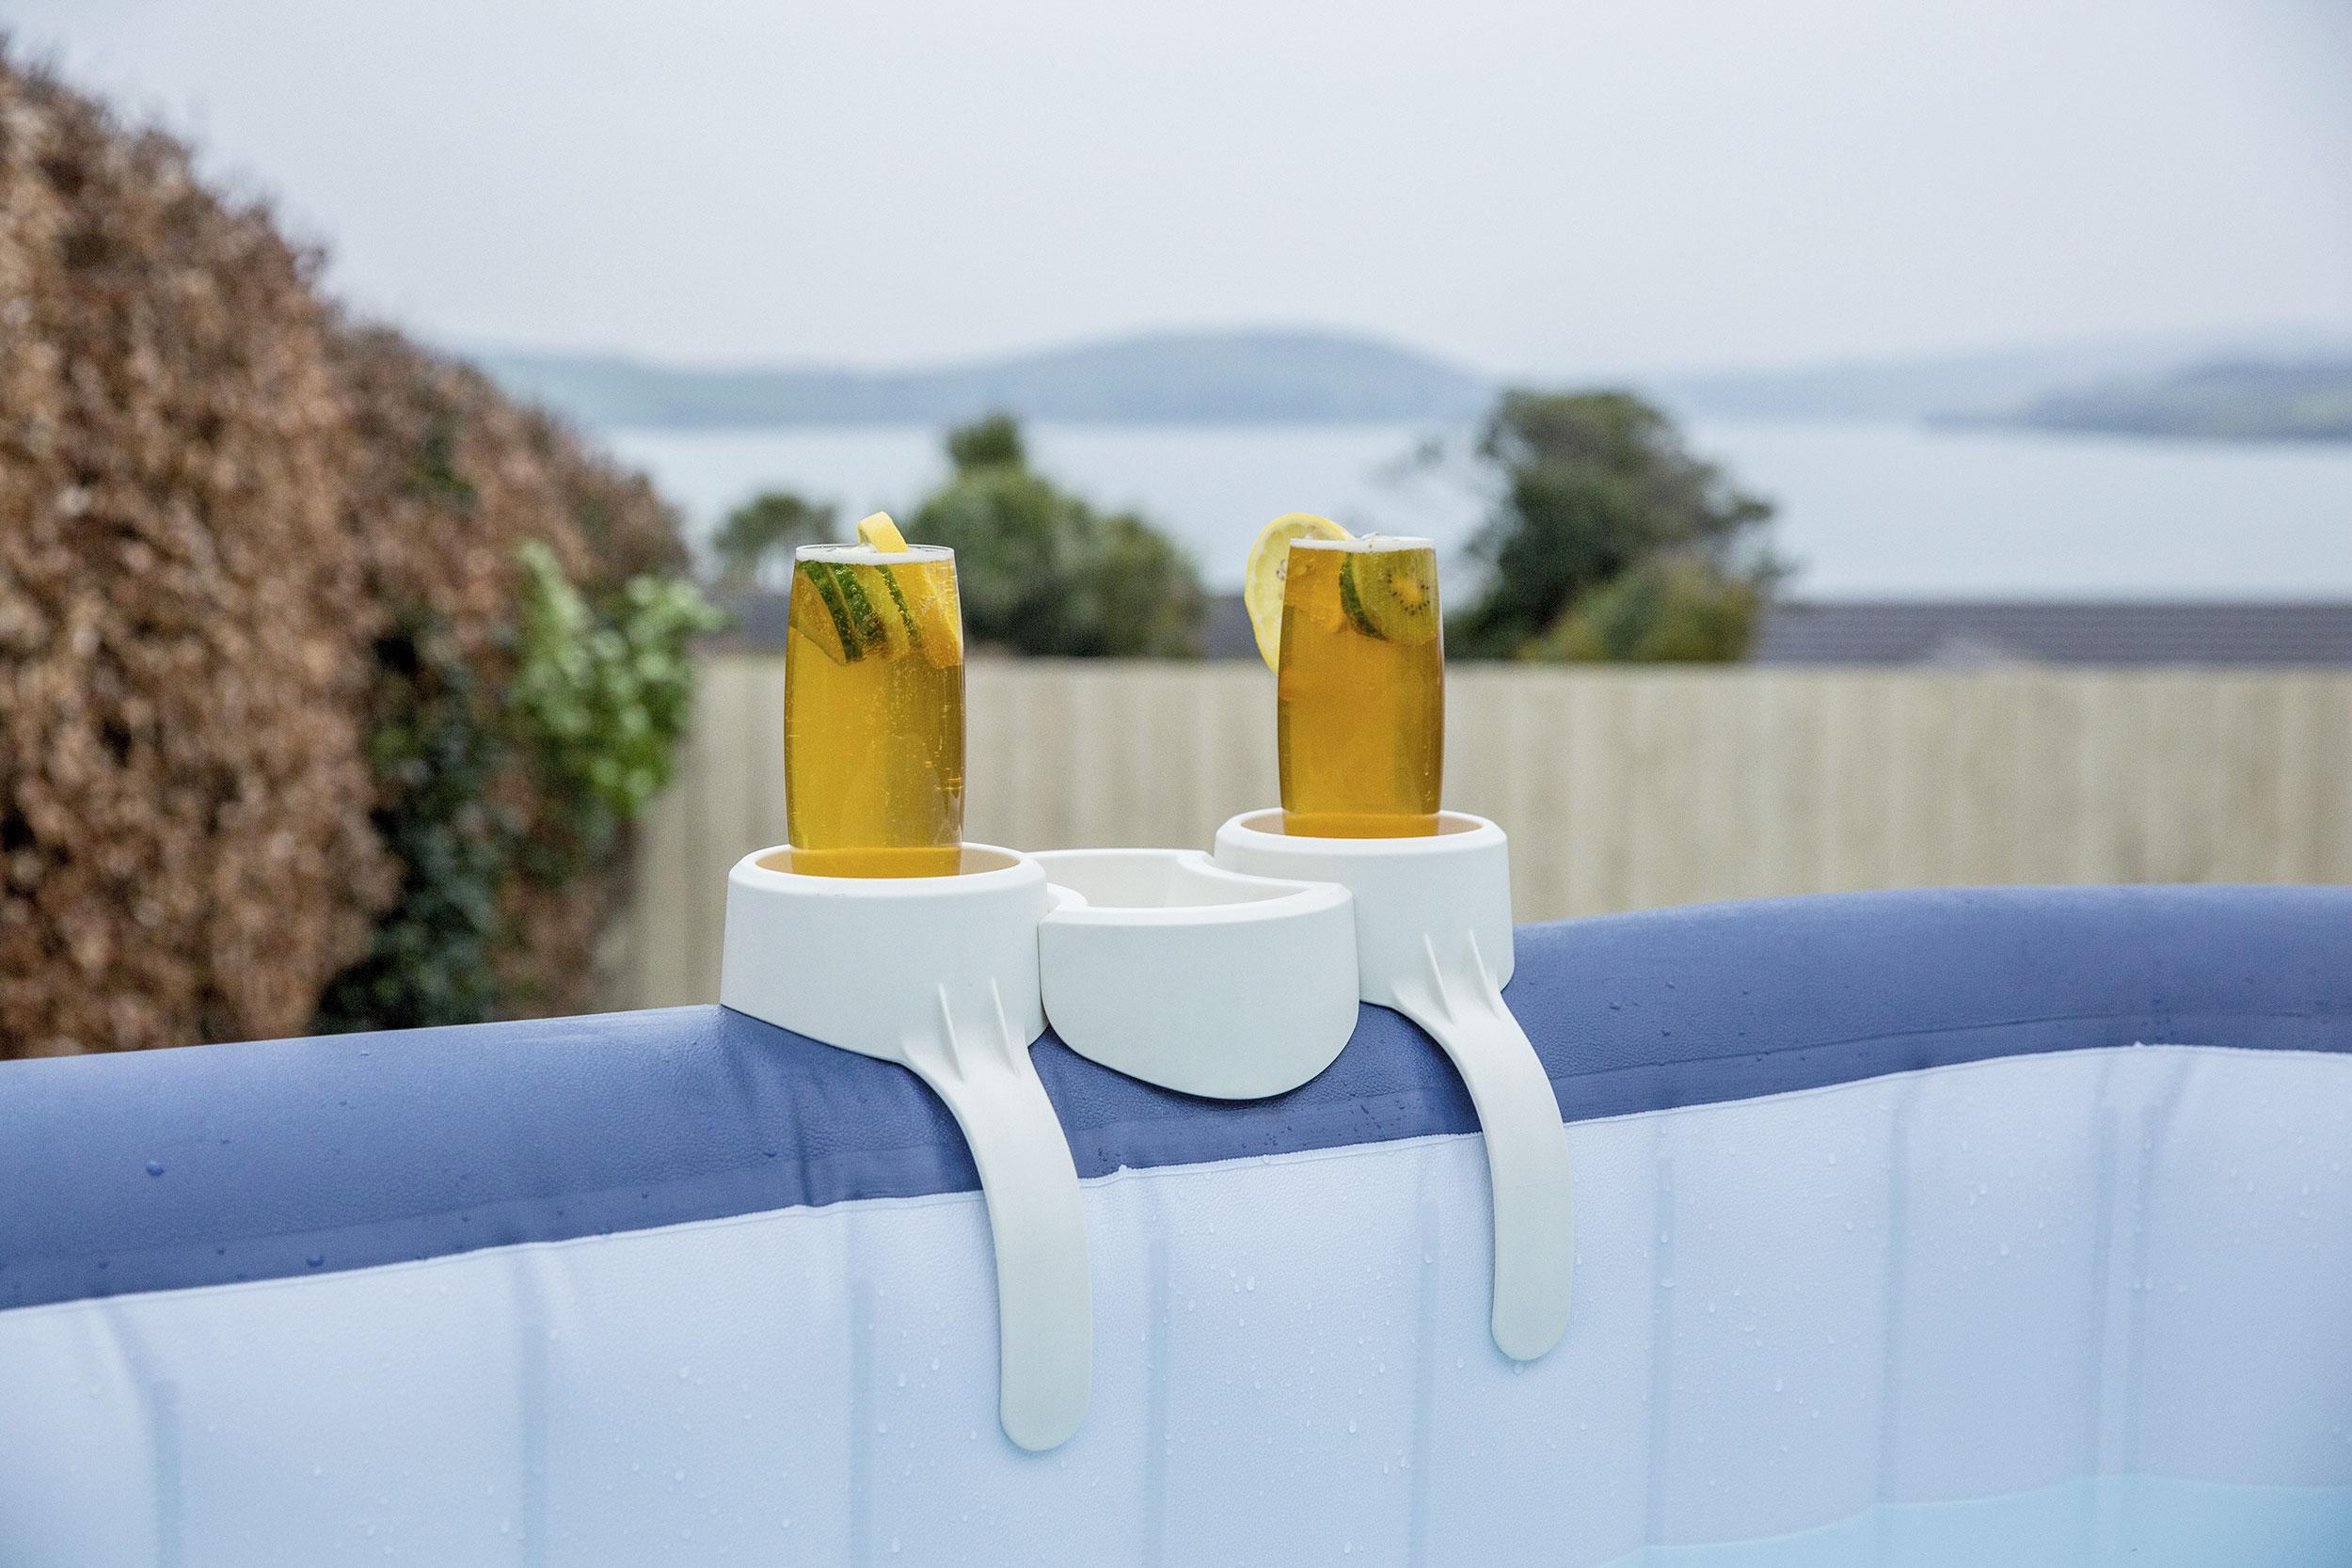 Aufblasbarer Whirlpool mit einem Getränkehalter und Snackablage